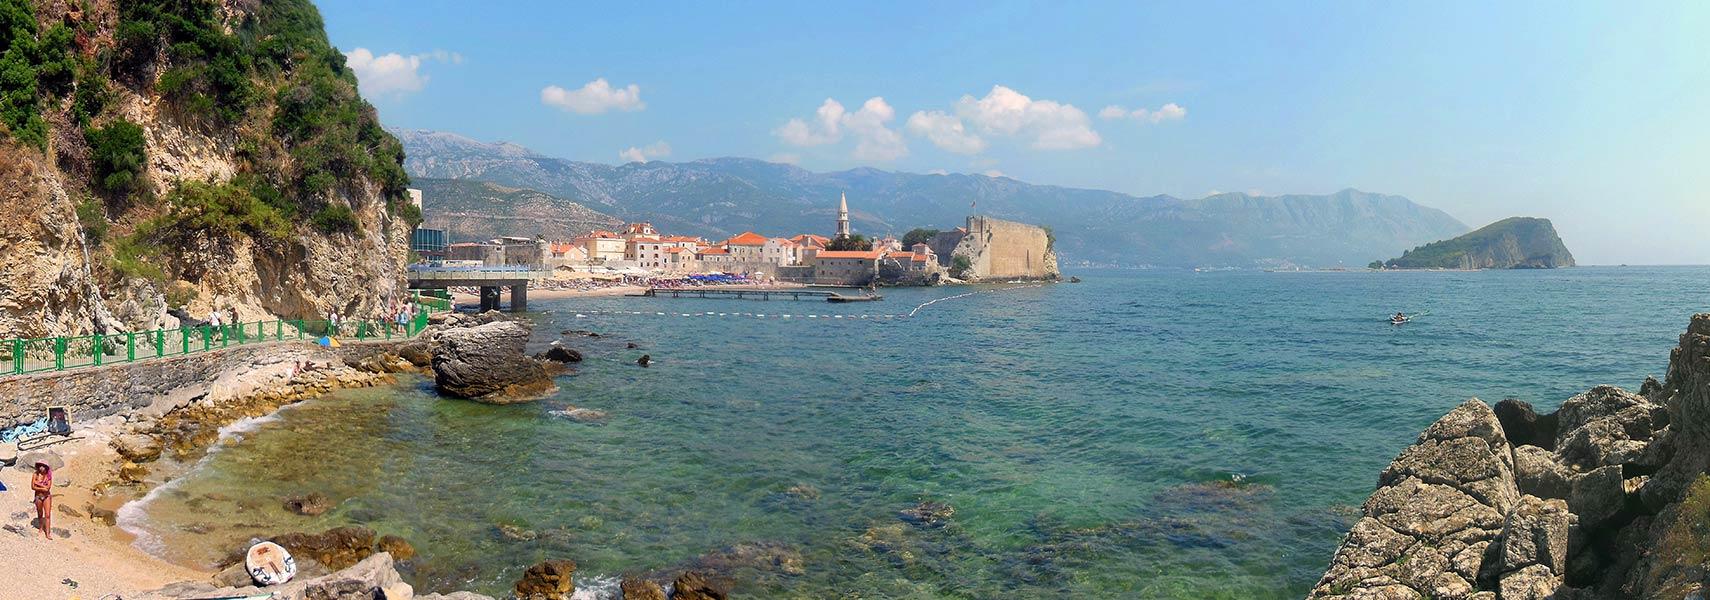 Montenegro Crna Gora Country Profile